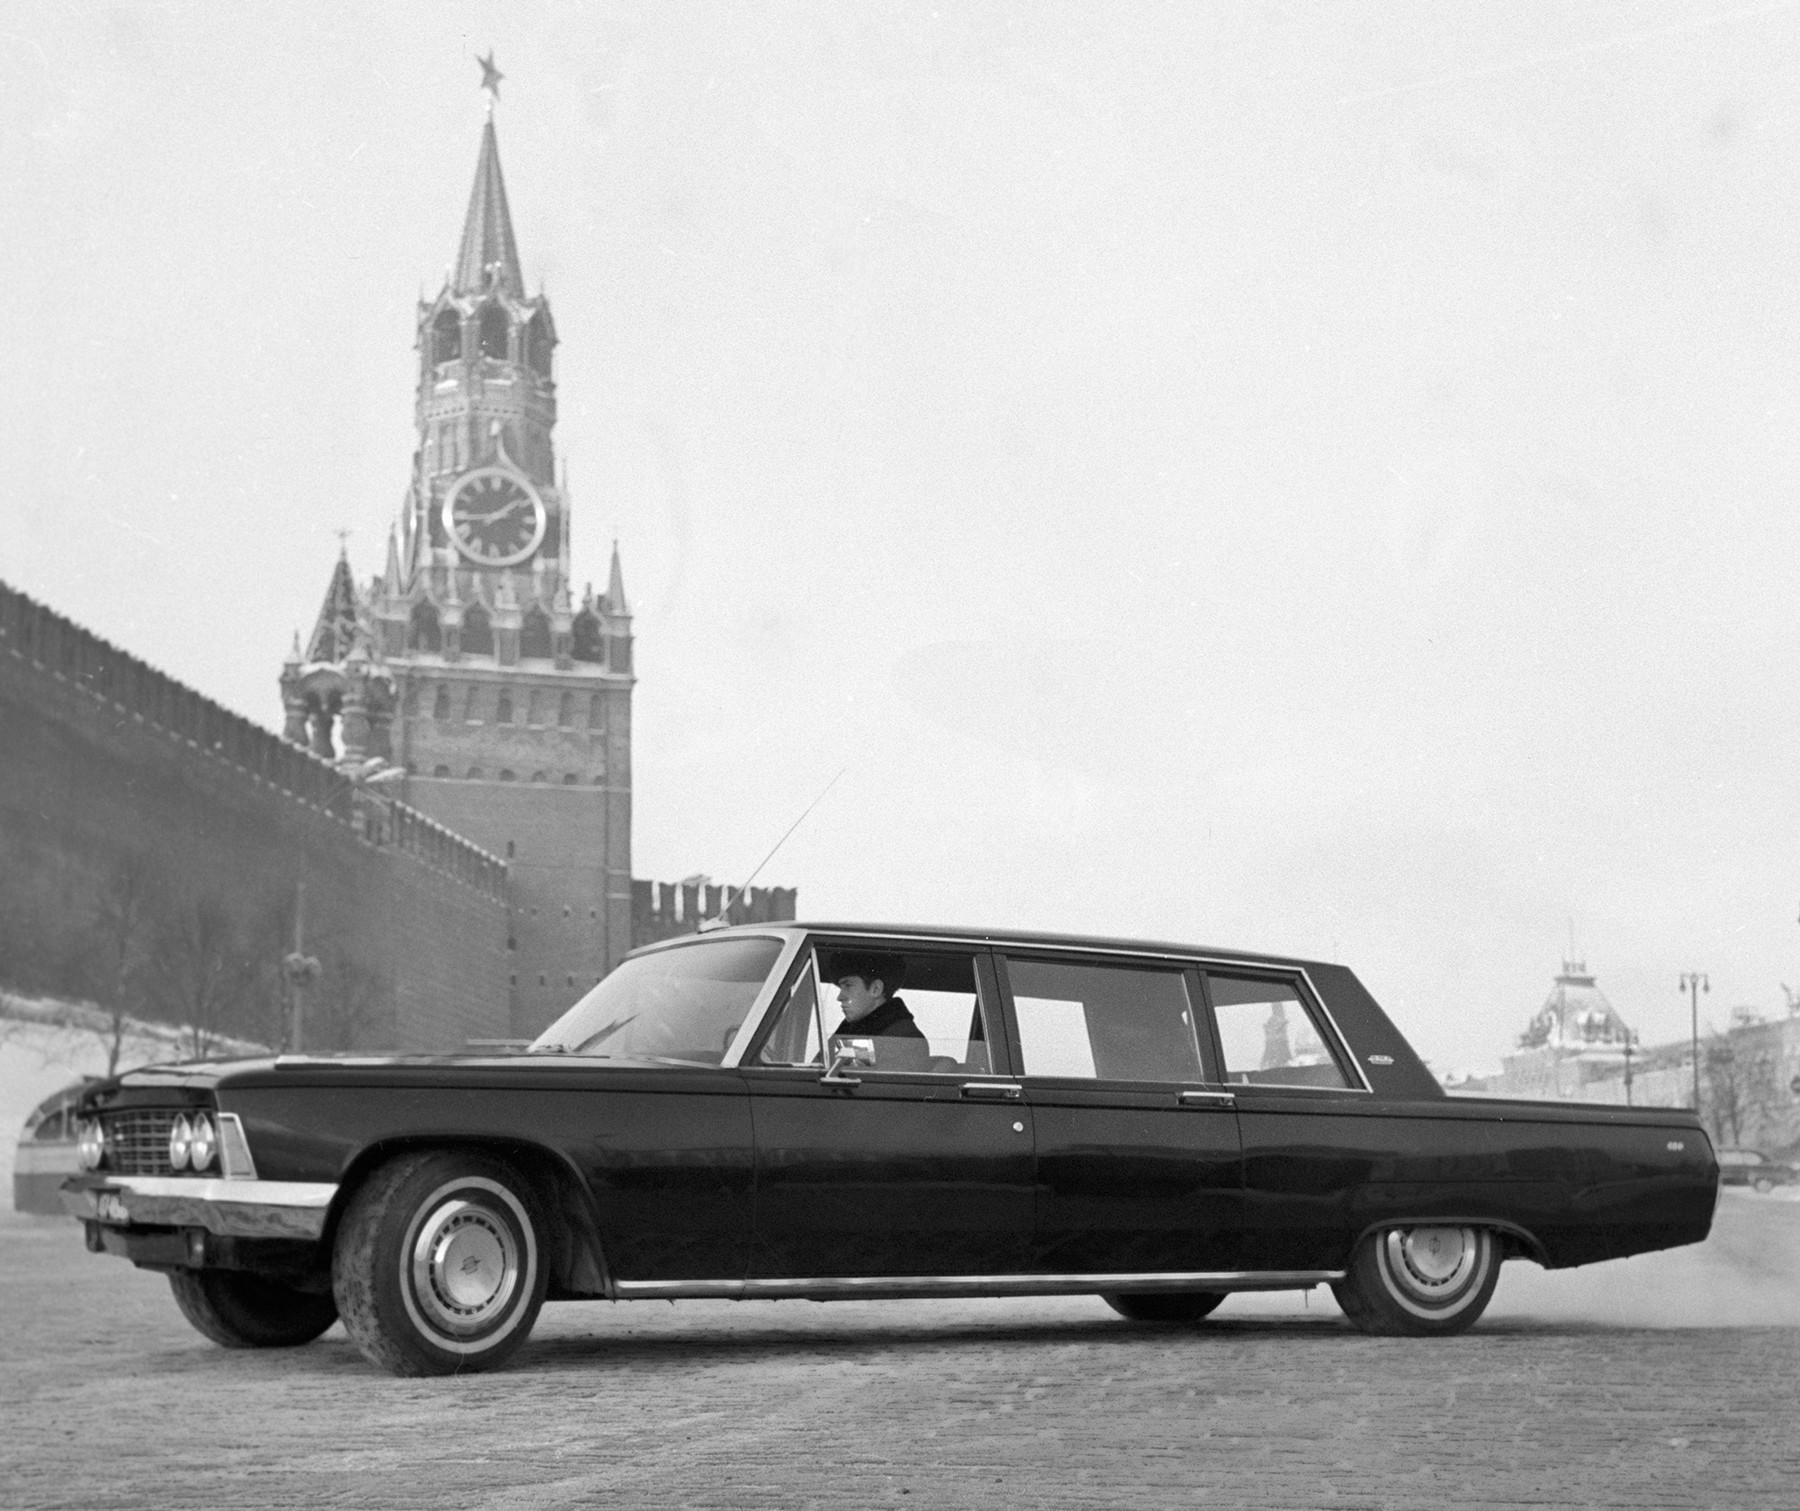 """Совјетски автомобил високе класе ЗИЛ-114, који се производио у московској фабрици аутомобила """"Лихачов"""", на Црвеном тргу, Москва 1968."""